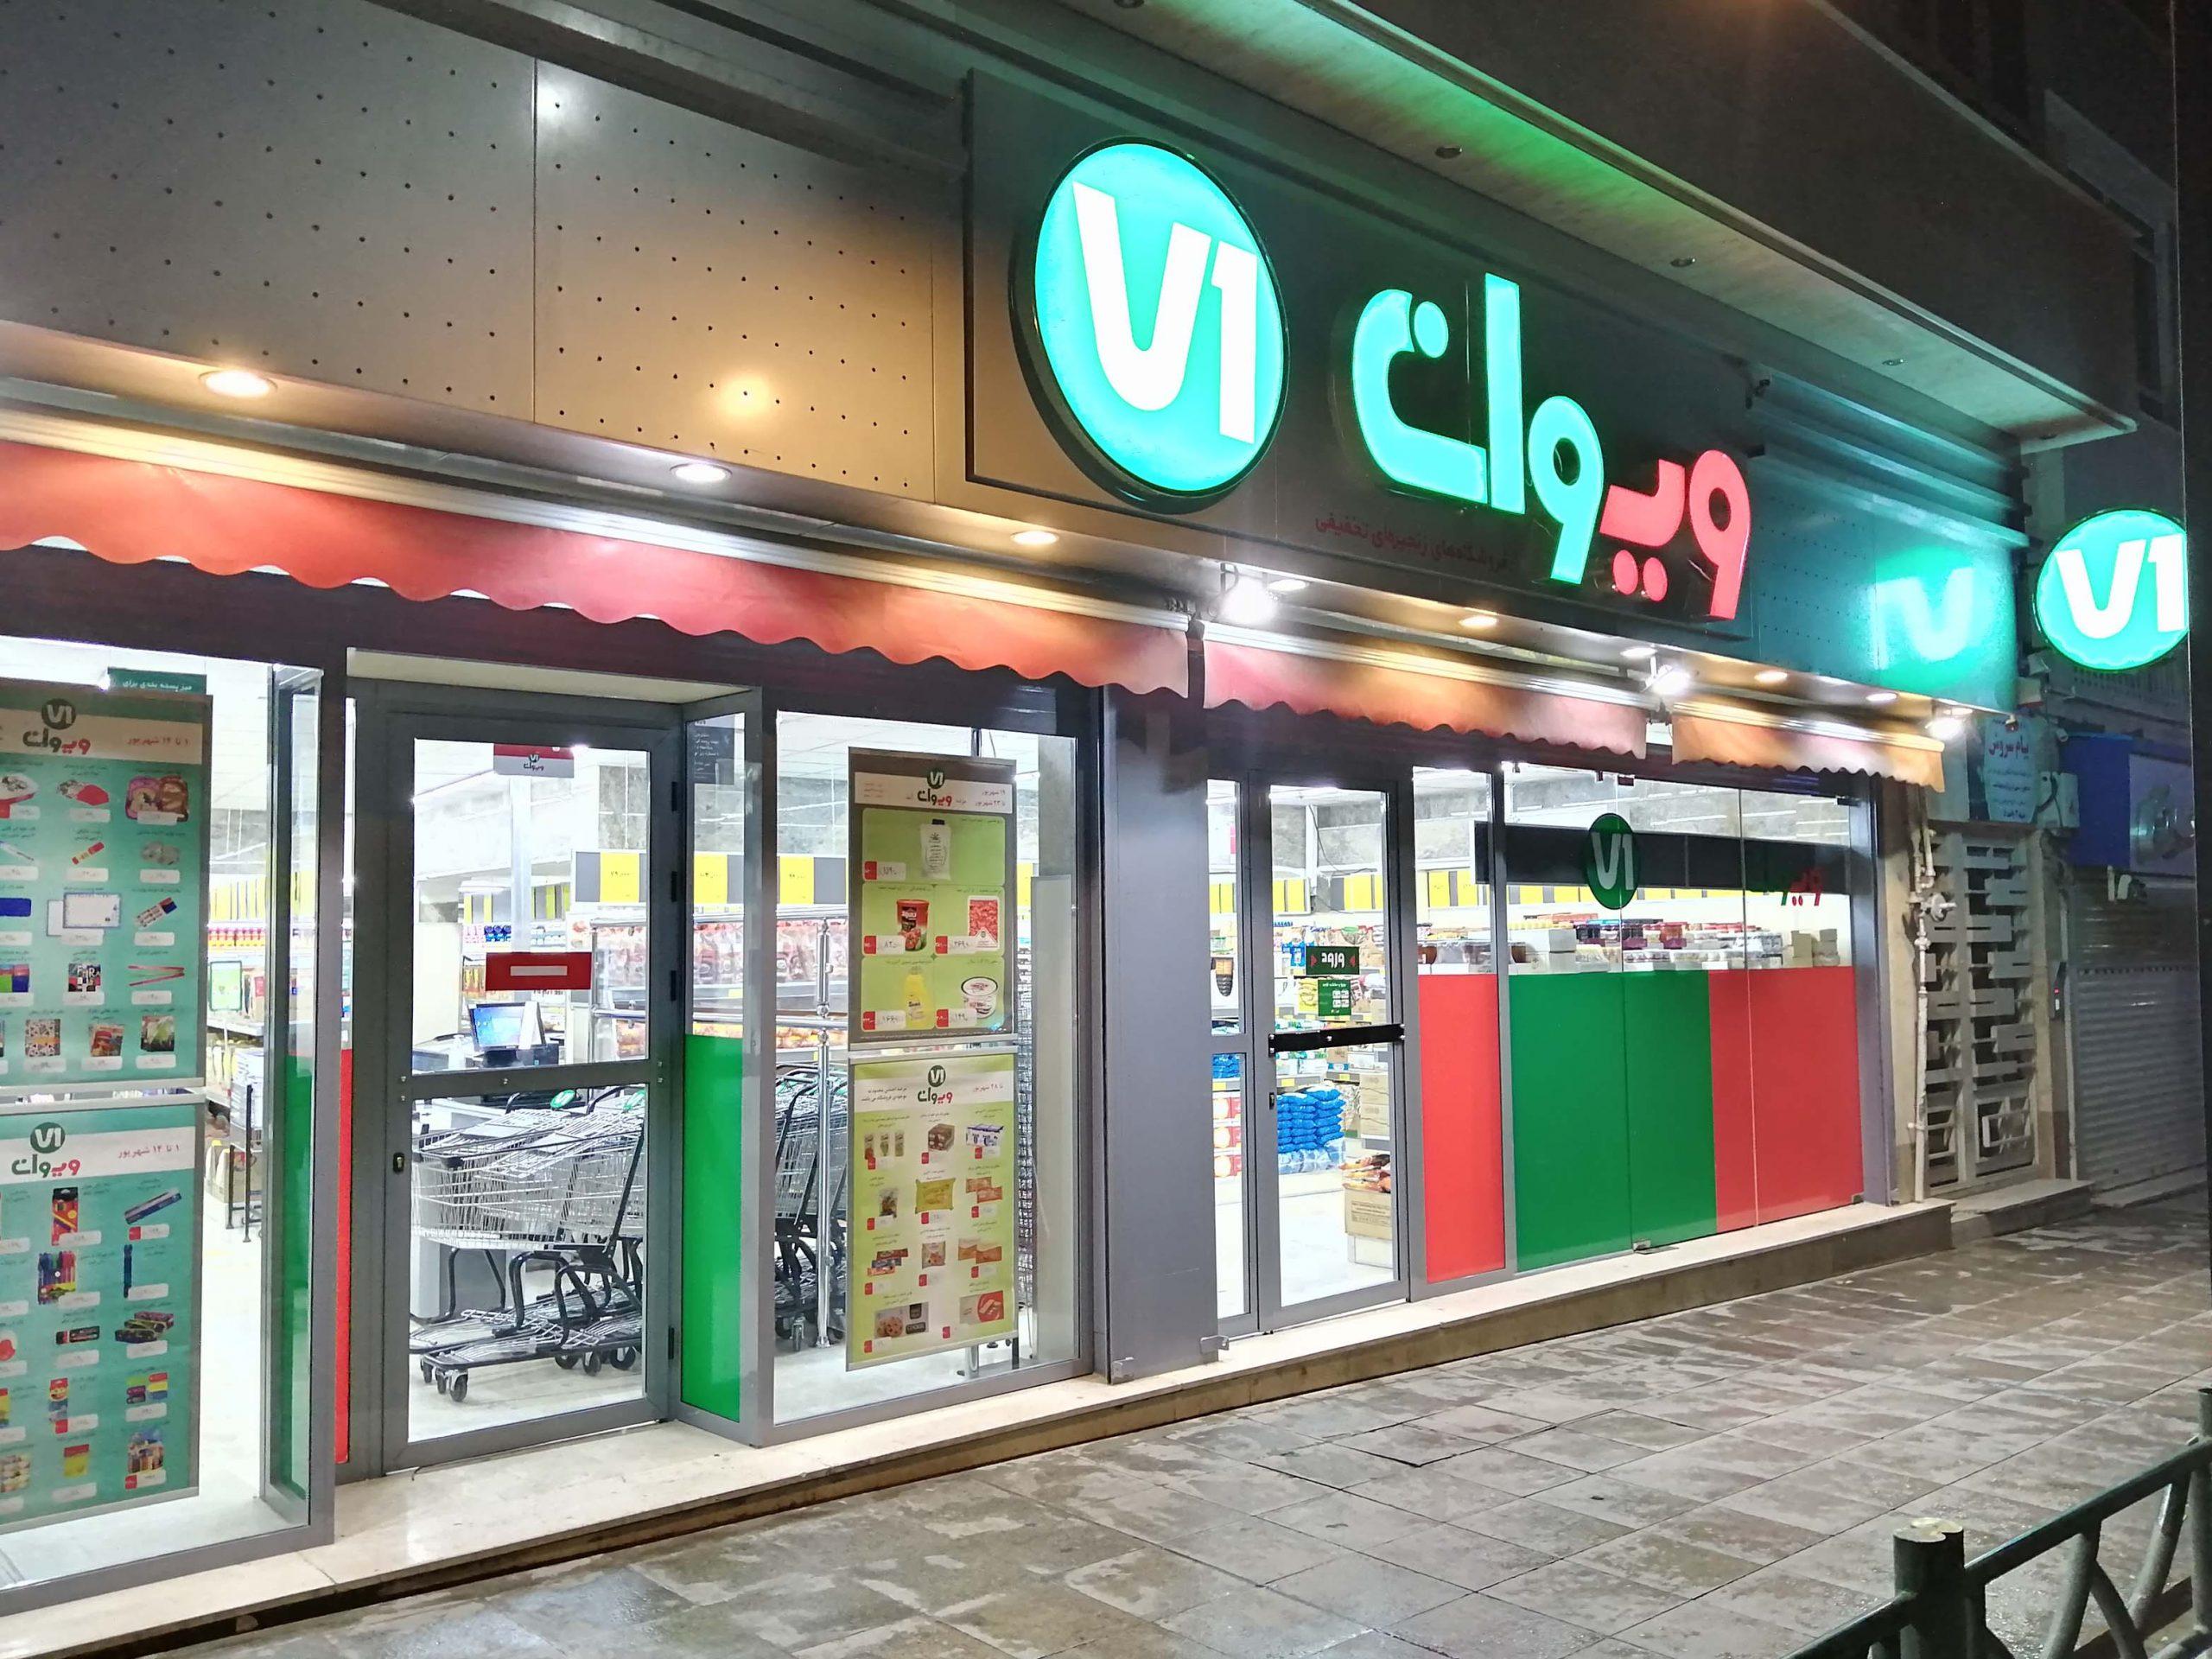 افتتاحیه فروشگاه ویوان در میدان امام حسین